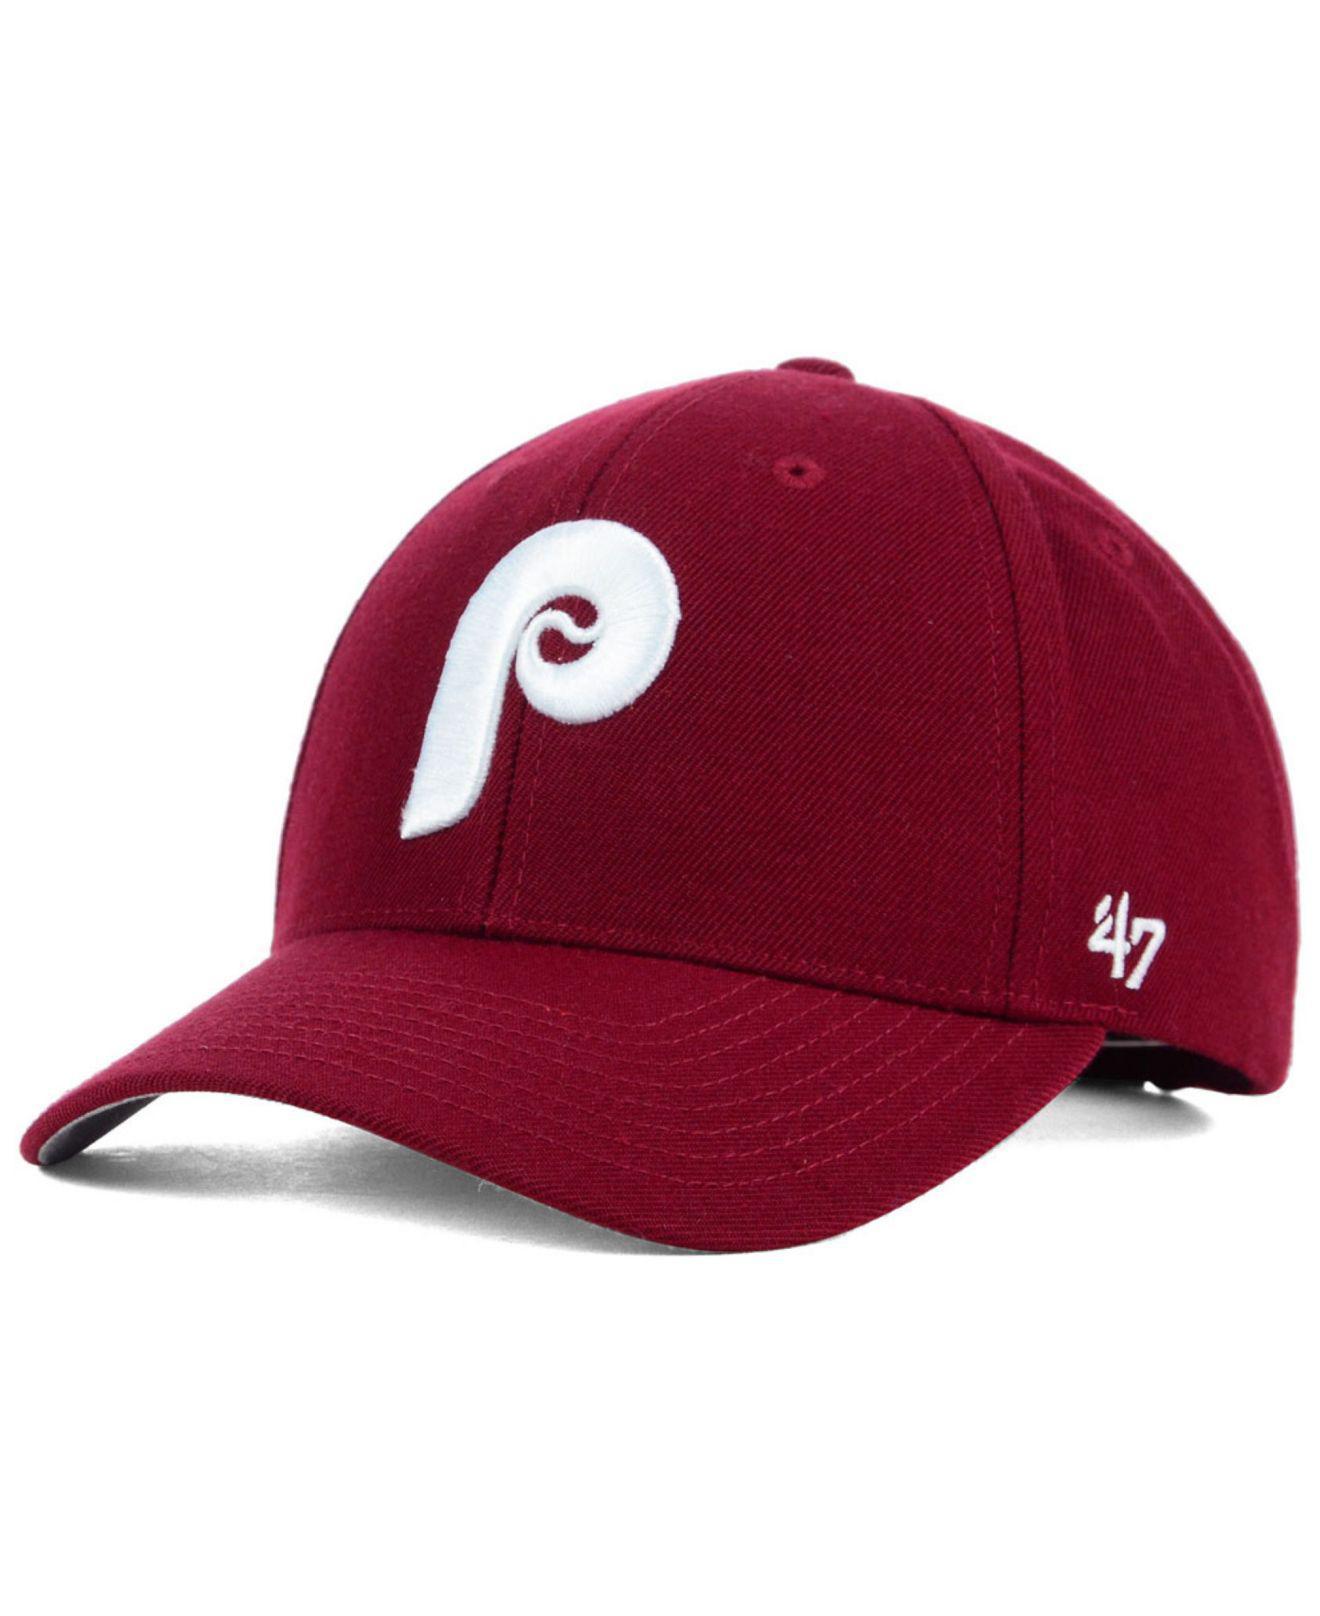 641e88fe781 Lyst - 47 Brand Philadelphia Phillies Mvp Curved Cap in Purple for Men